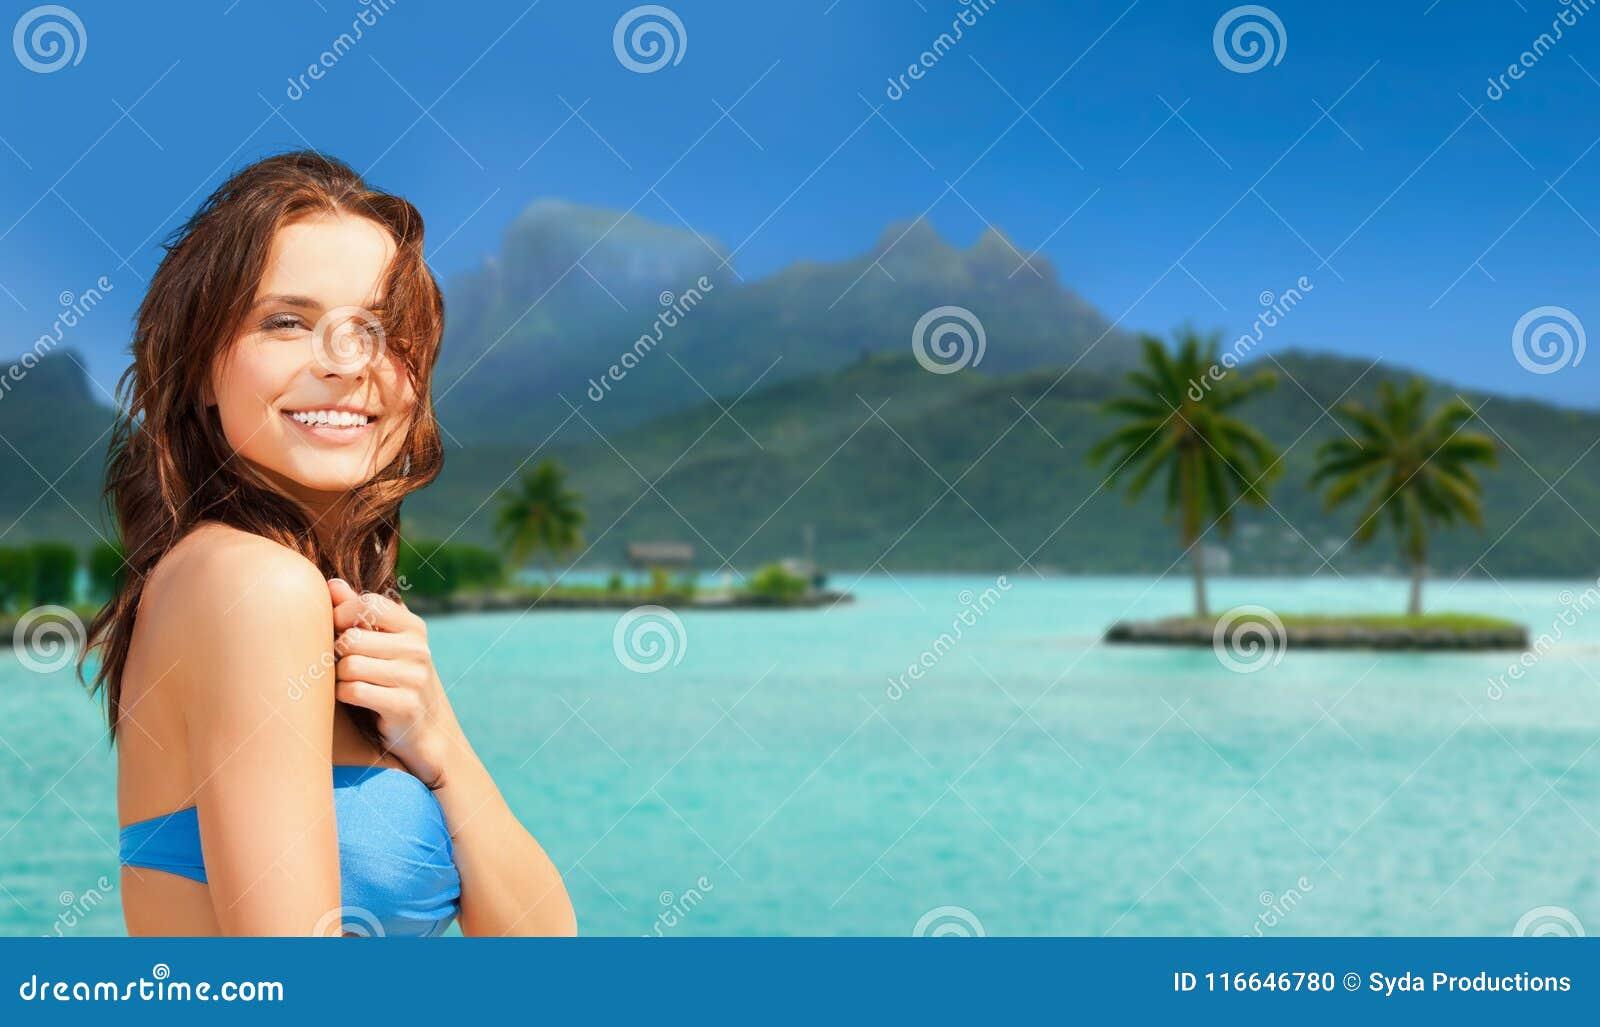 Bikini Bain Maillot F1ulkc3tj Le Heureuse Plage La De Sur Femme Dans oWrCBedxEQ